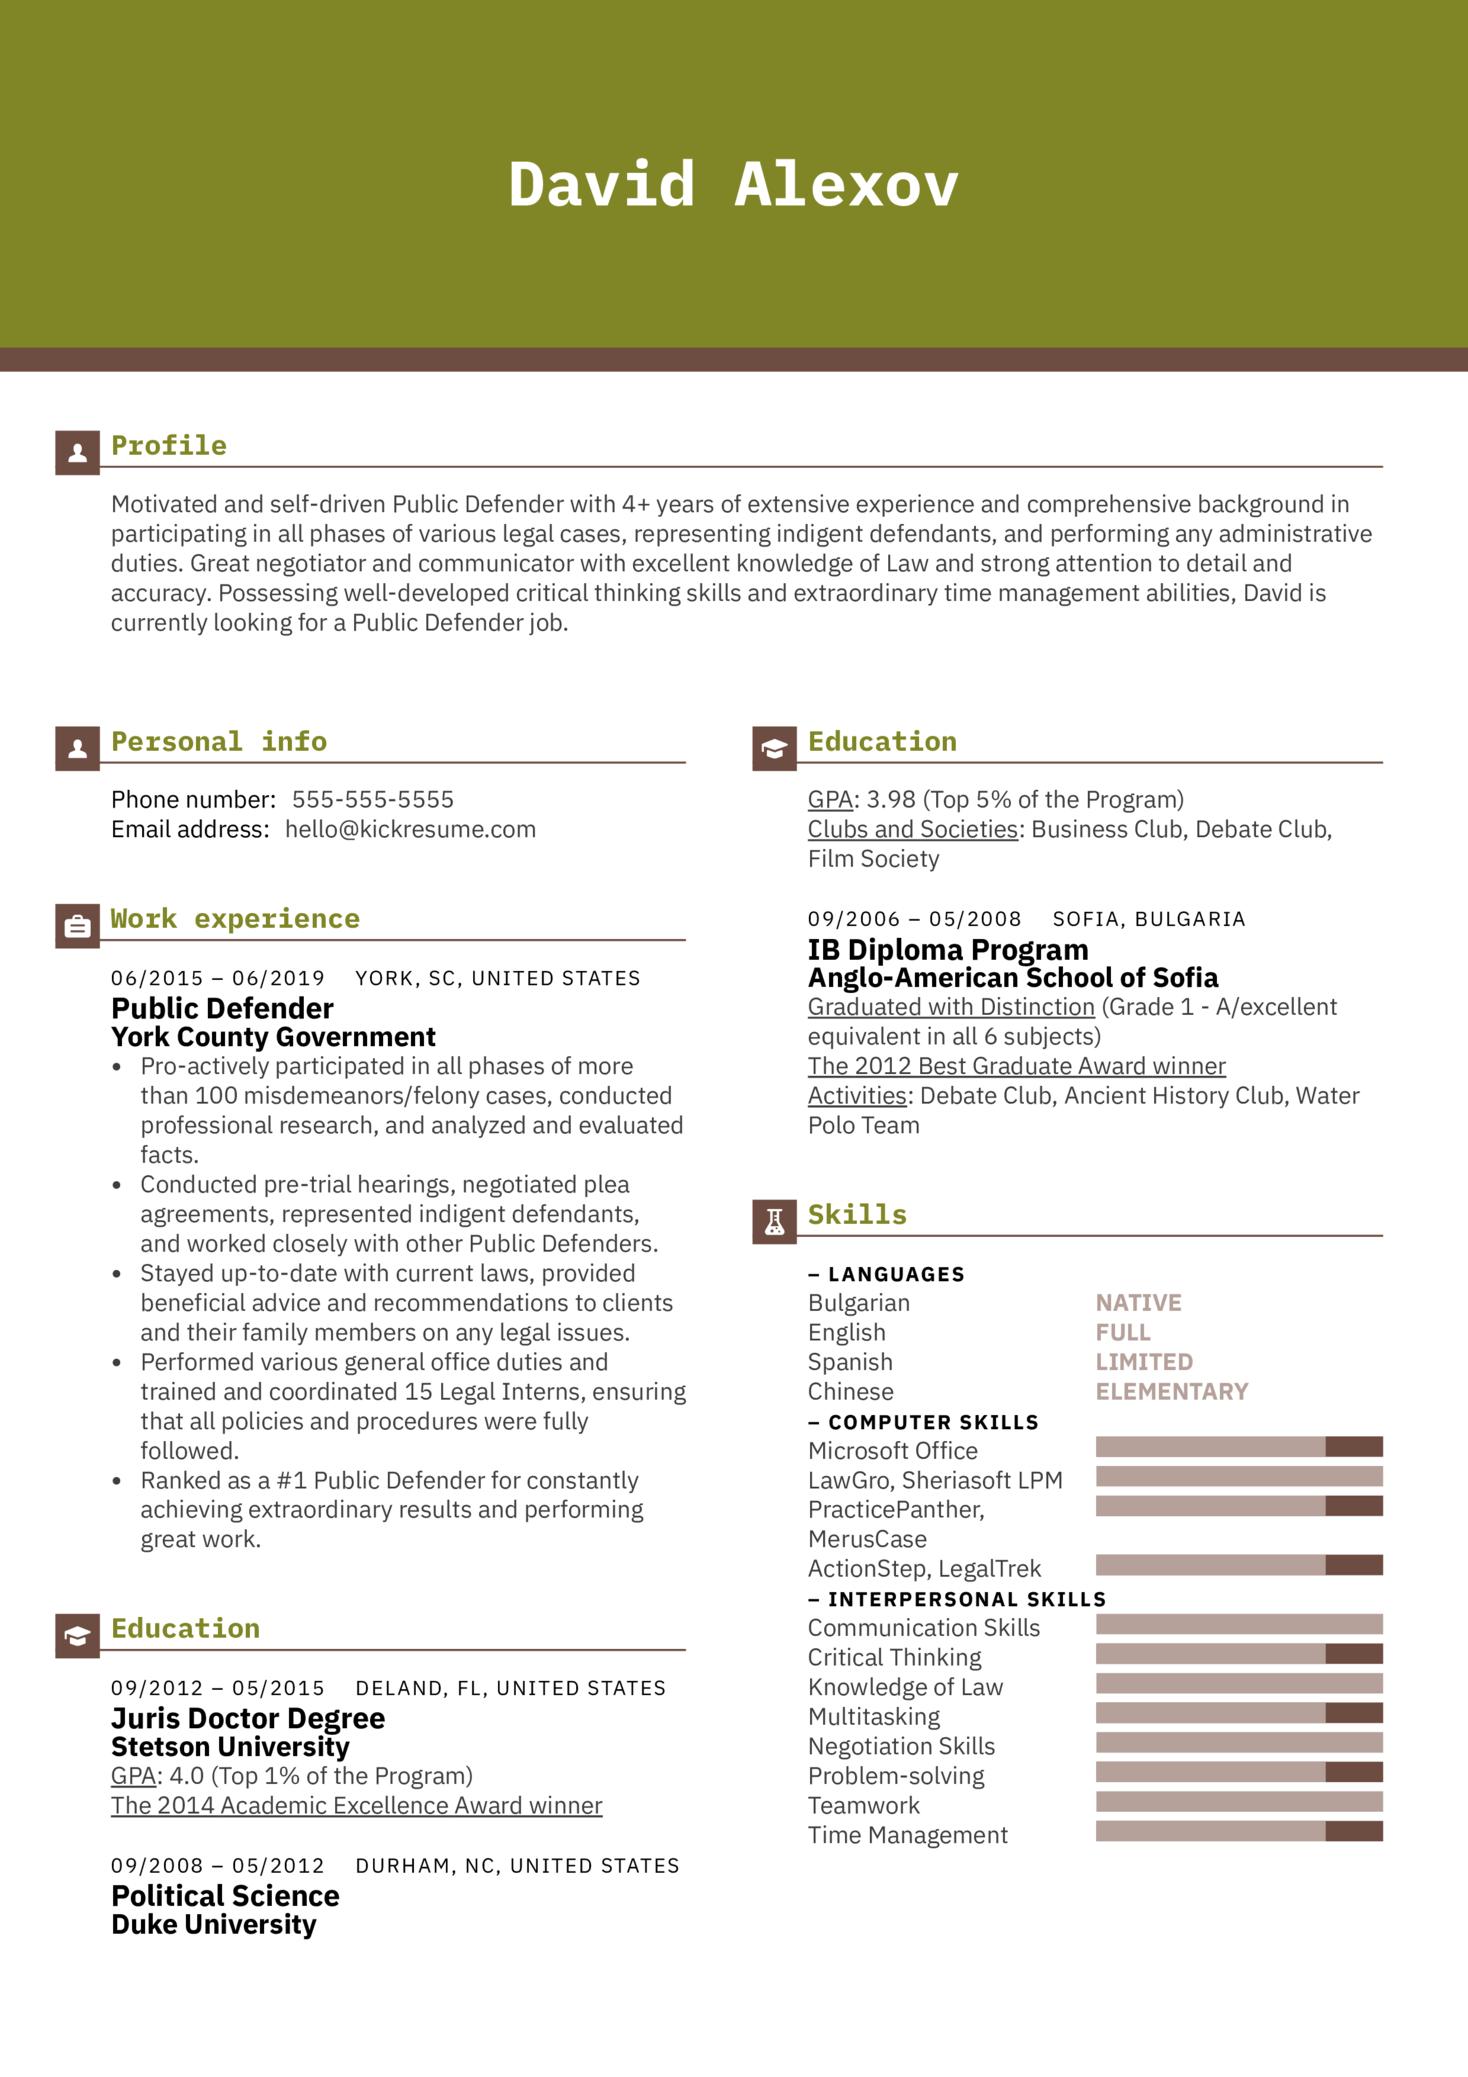 Public Defender Resume Example (parte 1)